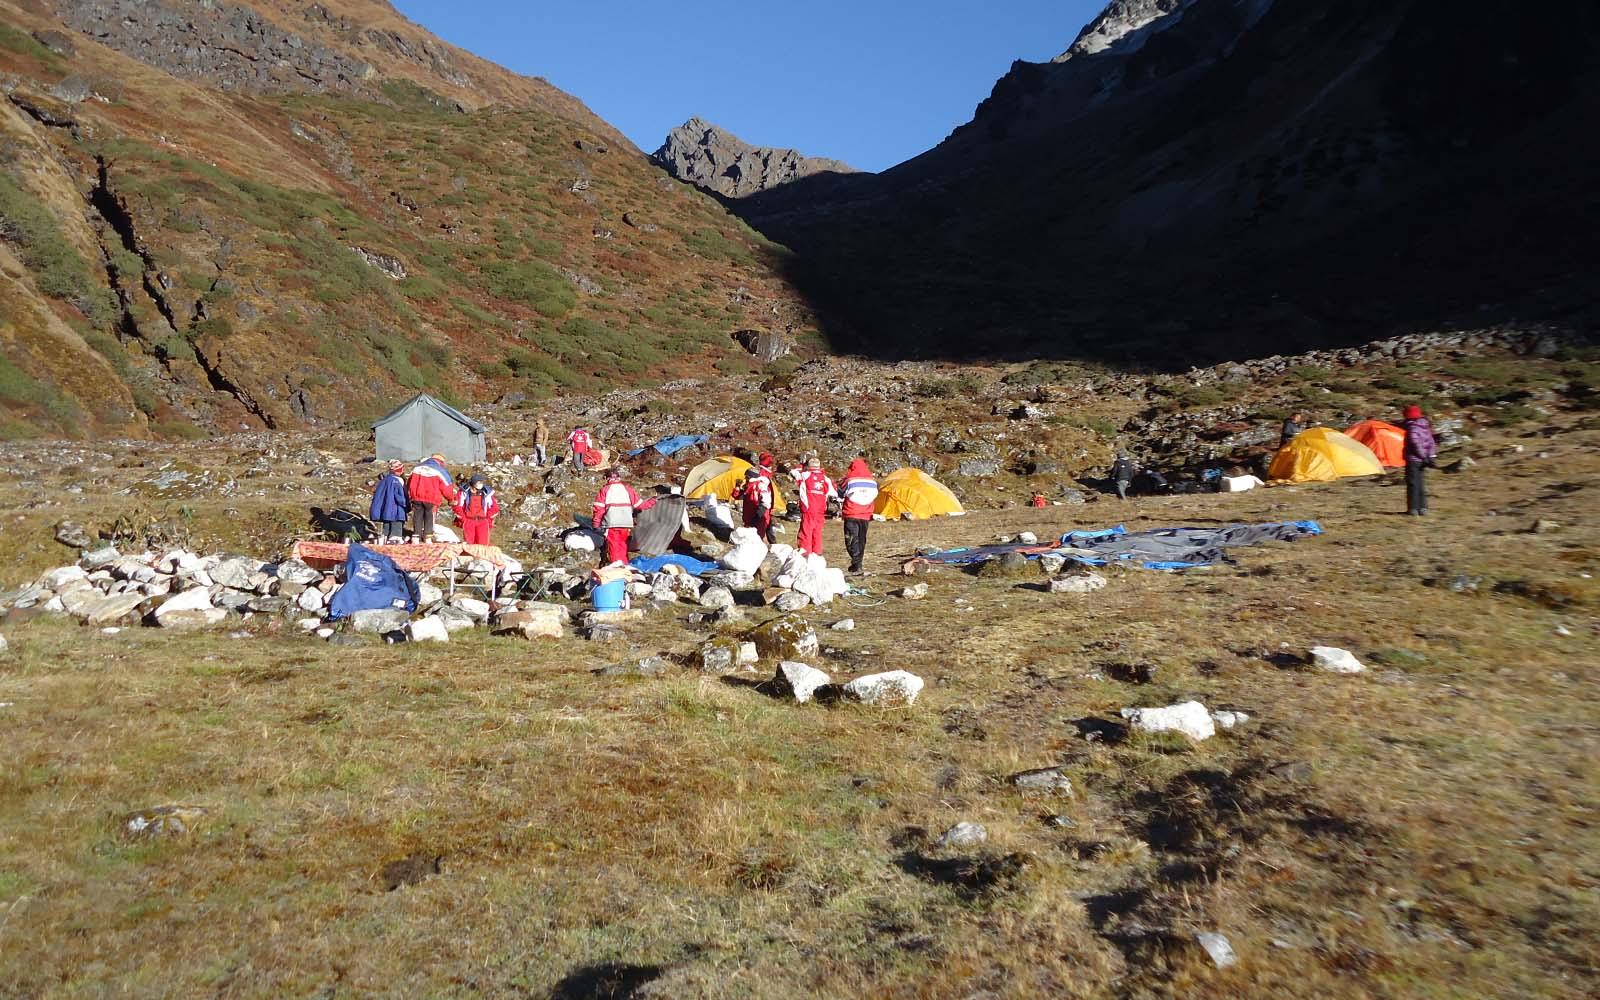 Camp sous le col Nango La - Photo Michael Bois